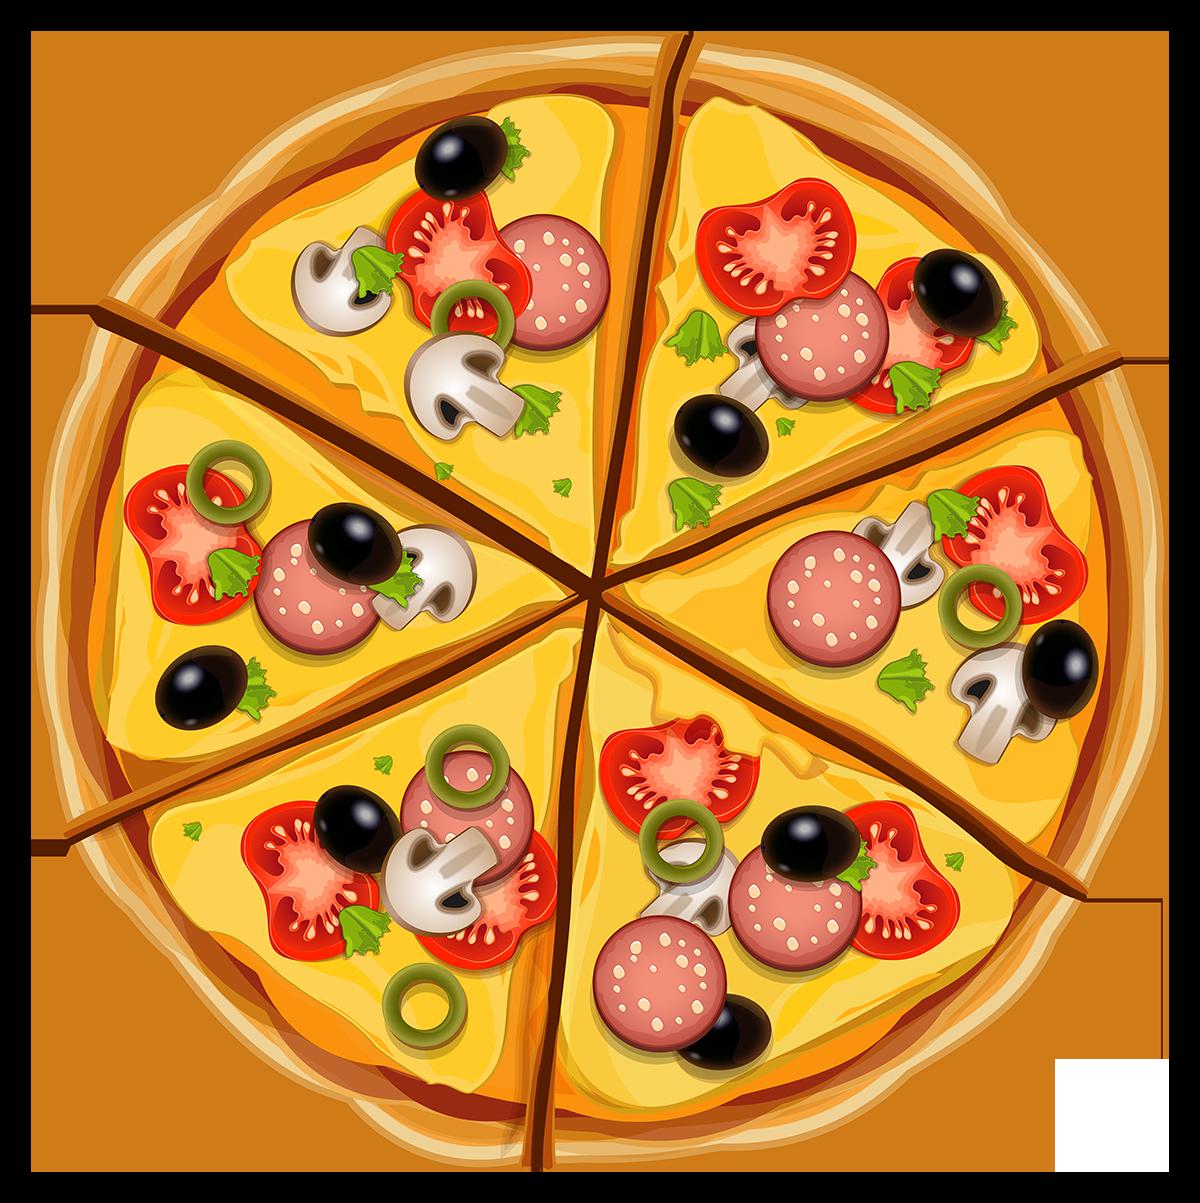 Пицца png - фастфуд, пицца